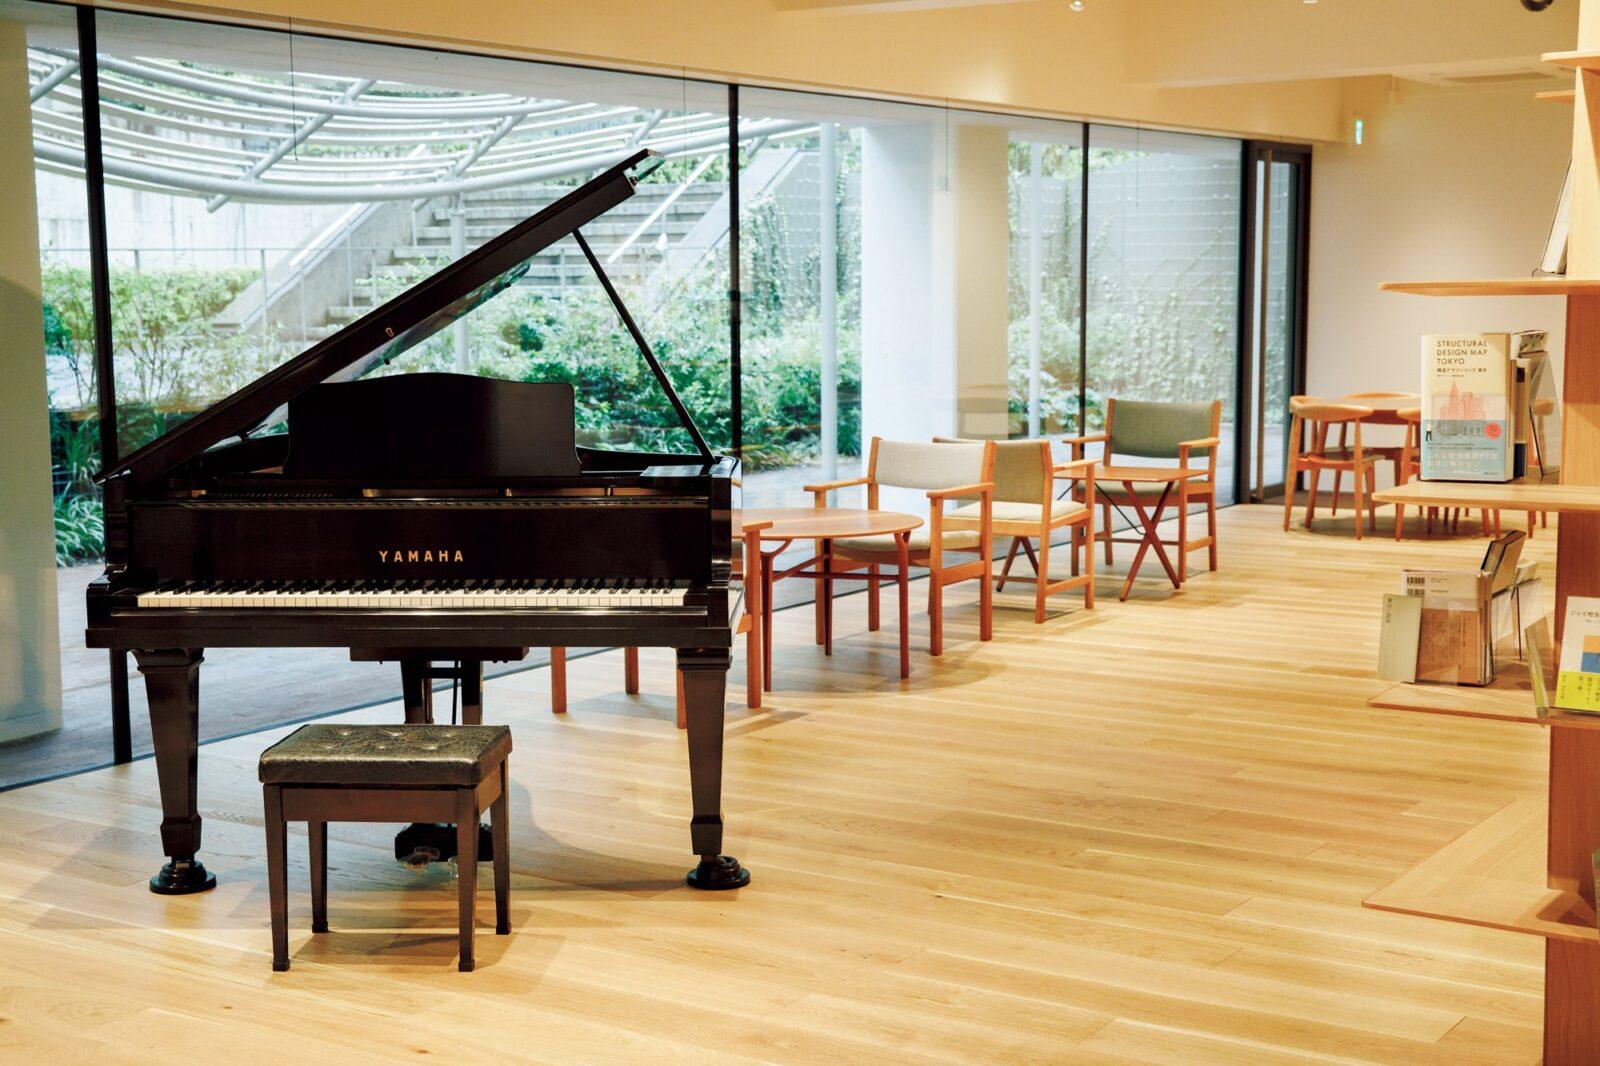 地下1階ラウンジ。ピアノは村上さんが経営していた〈ピーターキャット〉でのライブで使われていたもの。